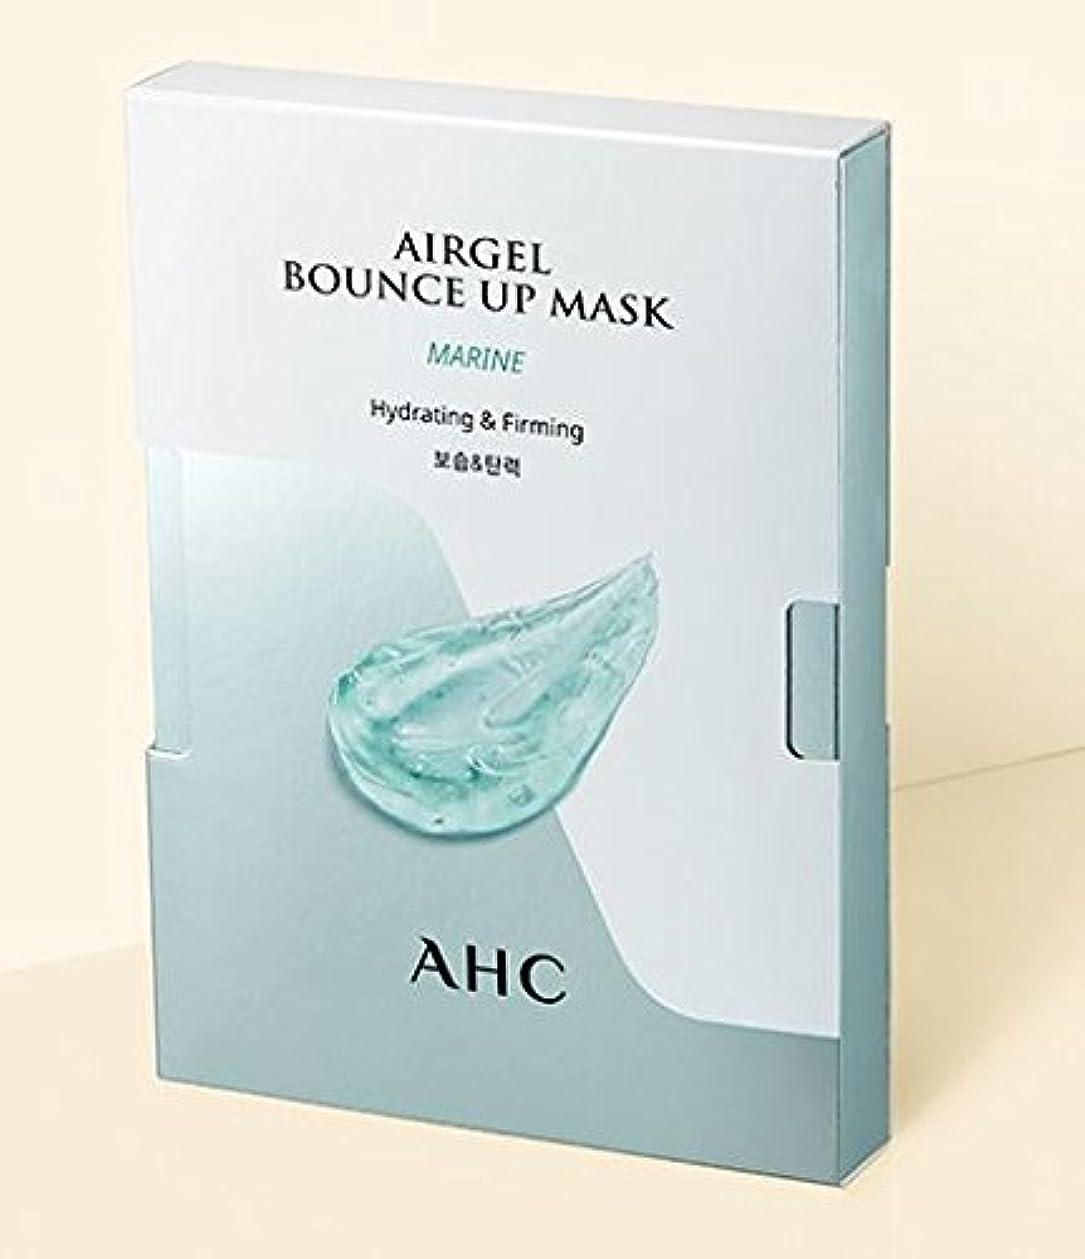 扱う素晴らしいです蓋[A.H.C] Airgel Bounce Up Mask MARINE (Hydrating&Firming)30g*5sheet/マリンエアゲルマスク30g*5枚 [並行輸入品]